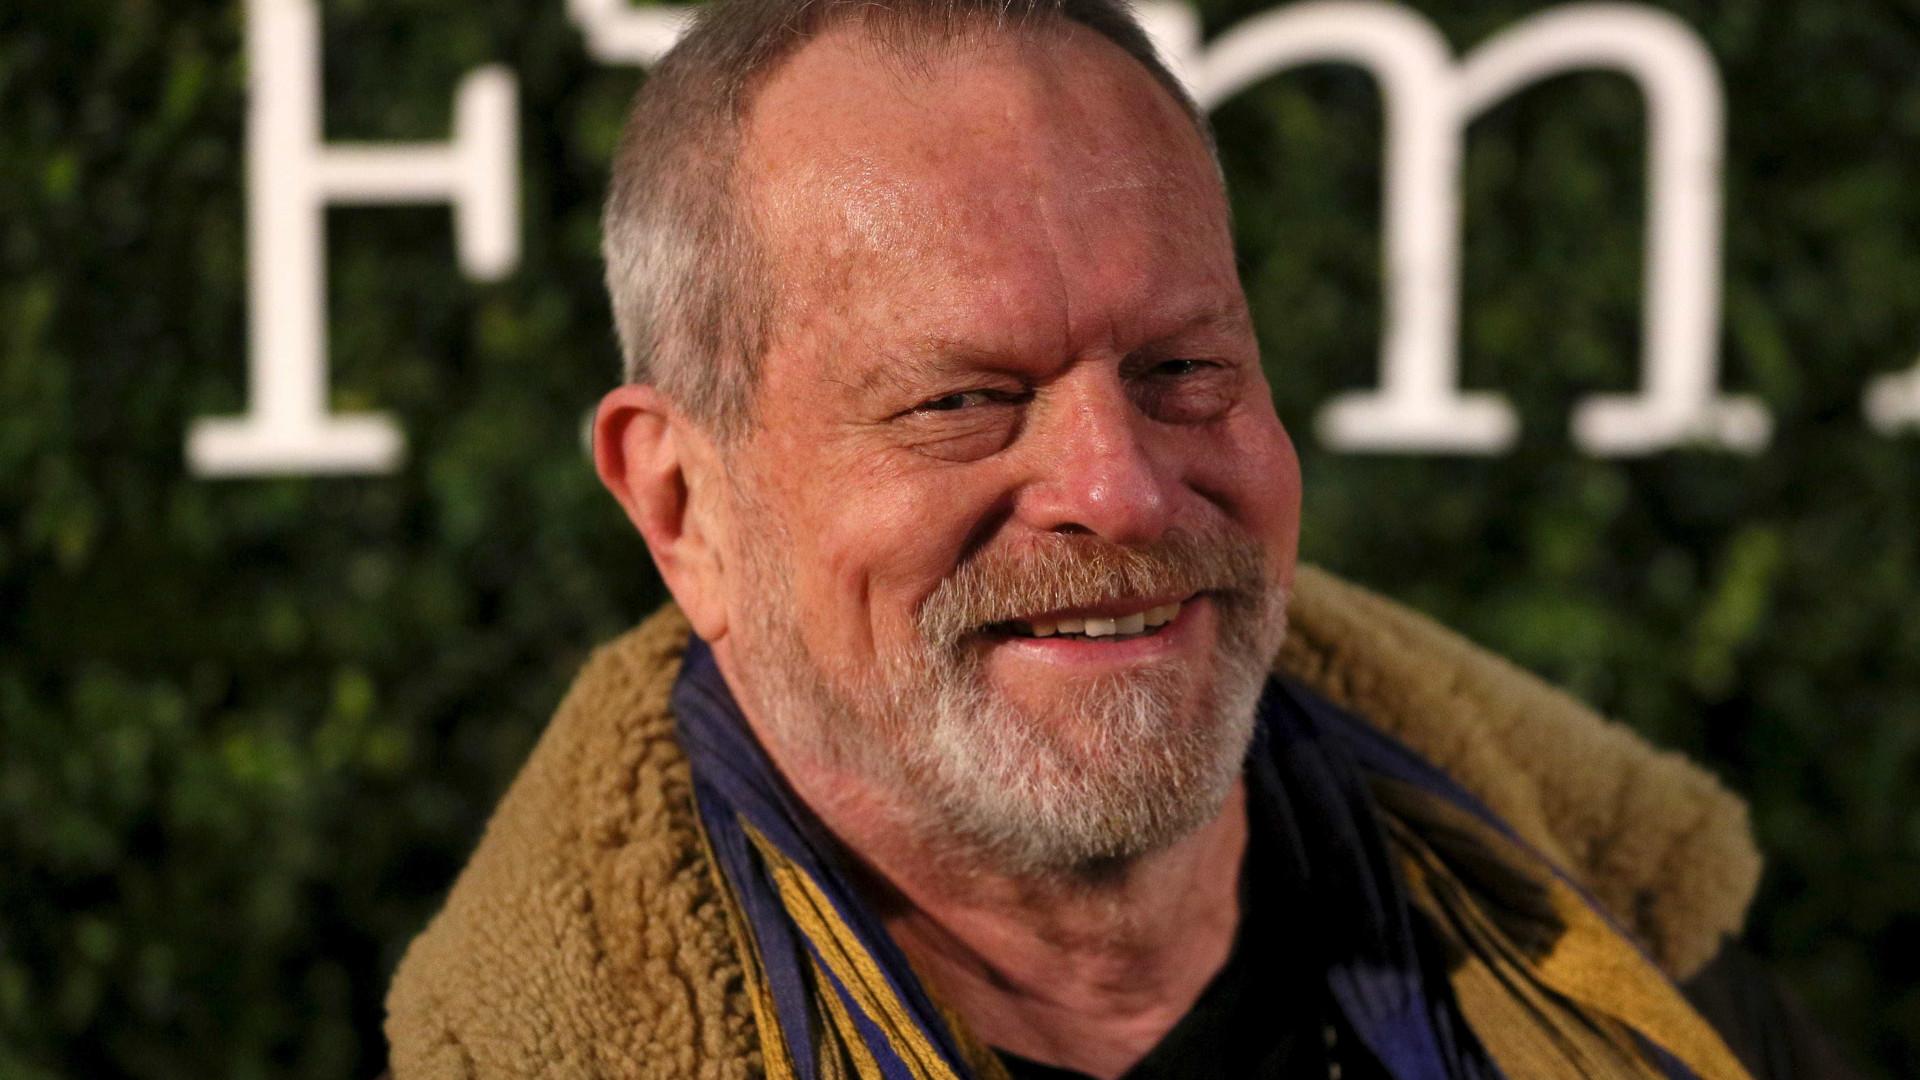 Filme de Terry Gilliam estreia-se na quarta-feira em 700 salas dos EUA